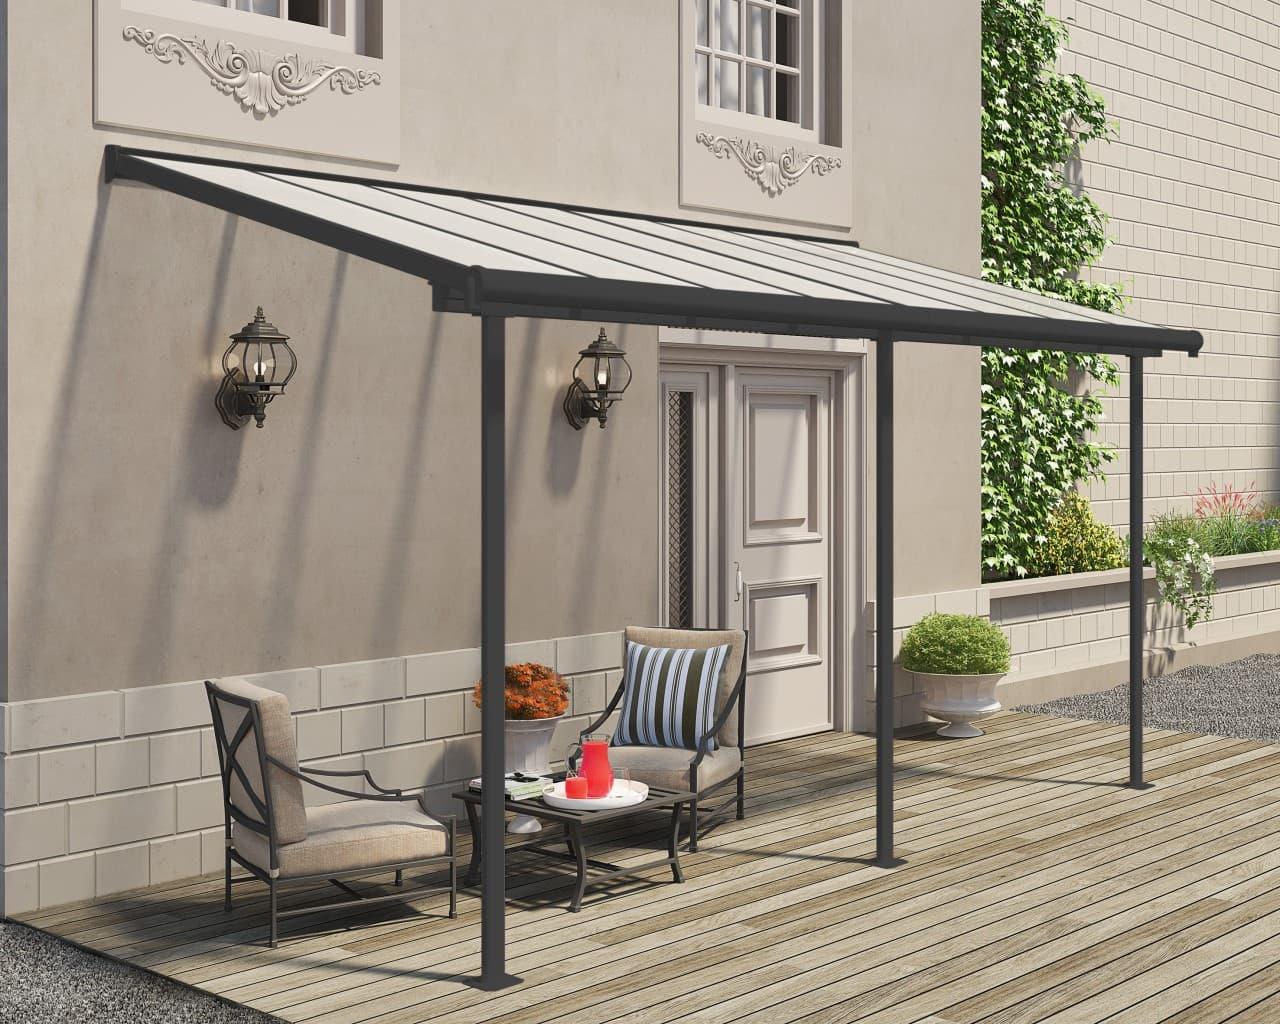 Terrassenüberdachung mit Wandbefestigung